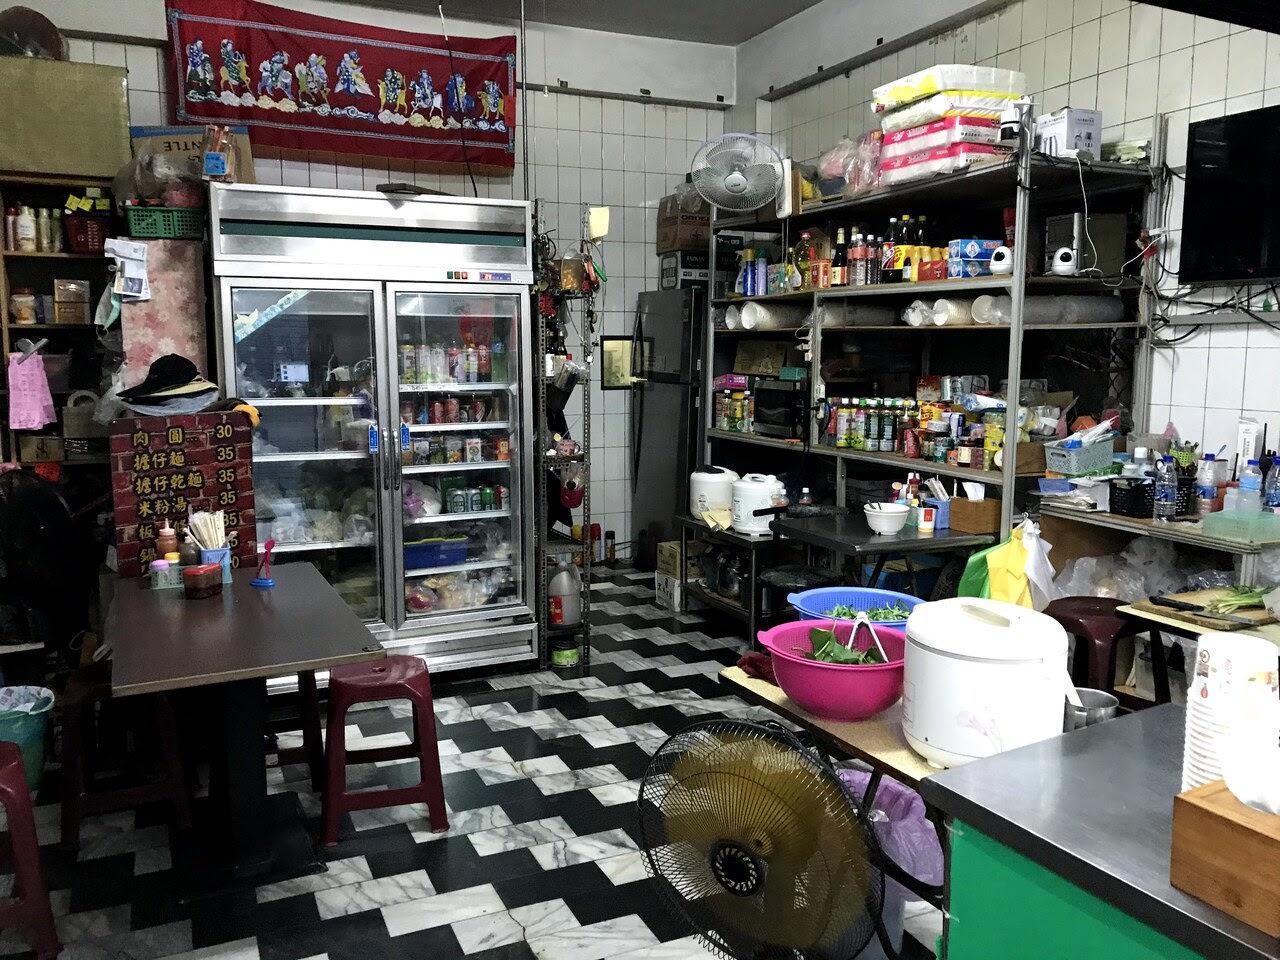 【台南 北區】巷仔內肉圓 平價巷弄小吃還有特色手工麻糬當甜點 古早的家常味